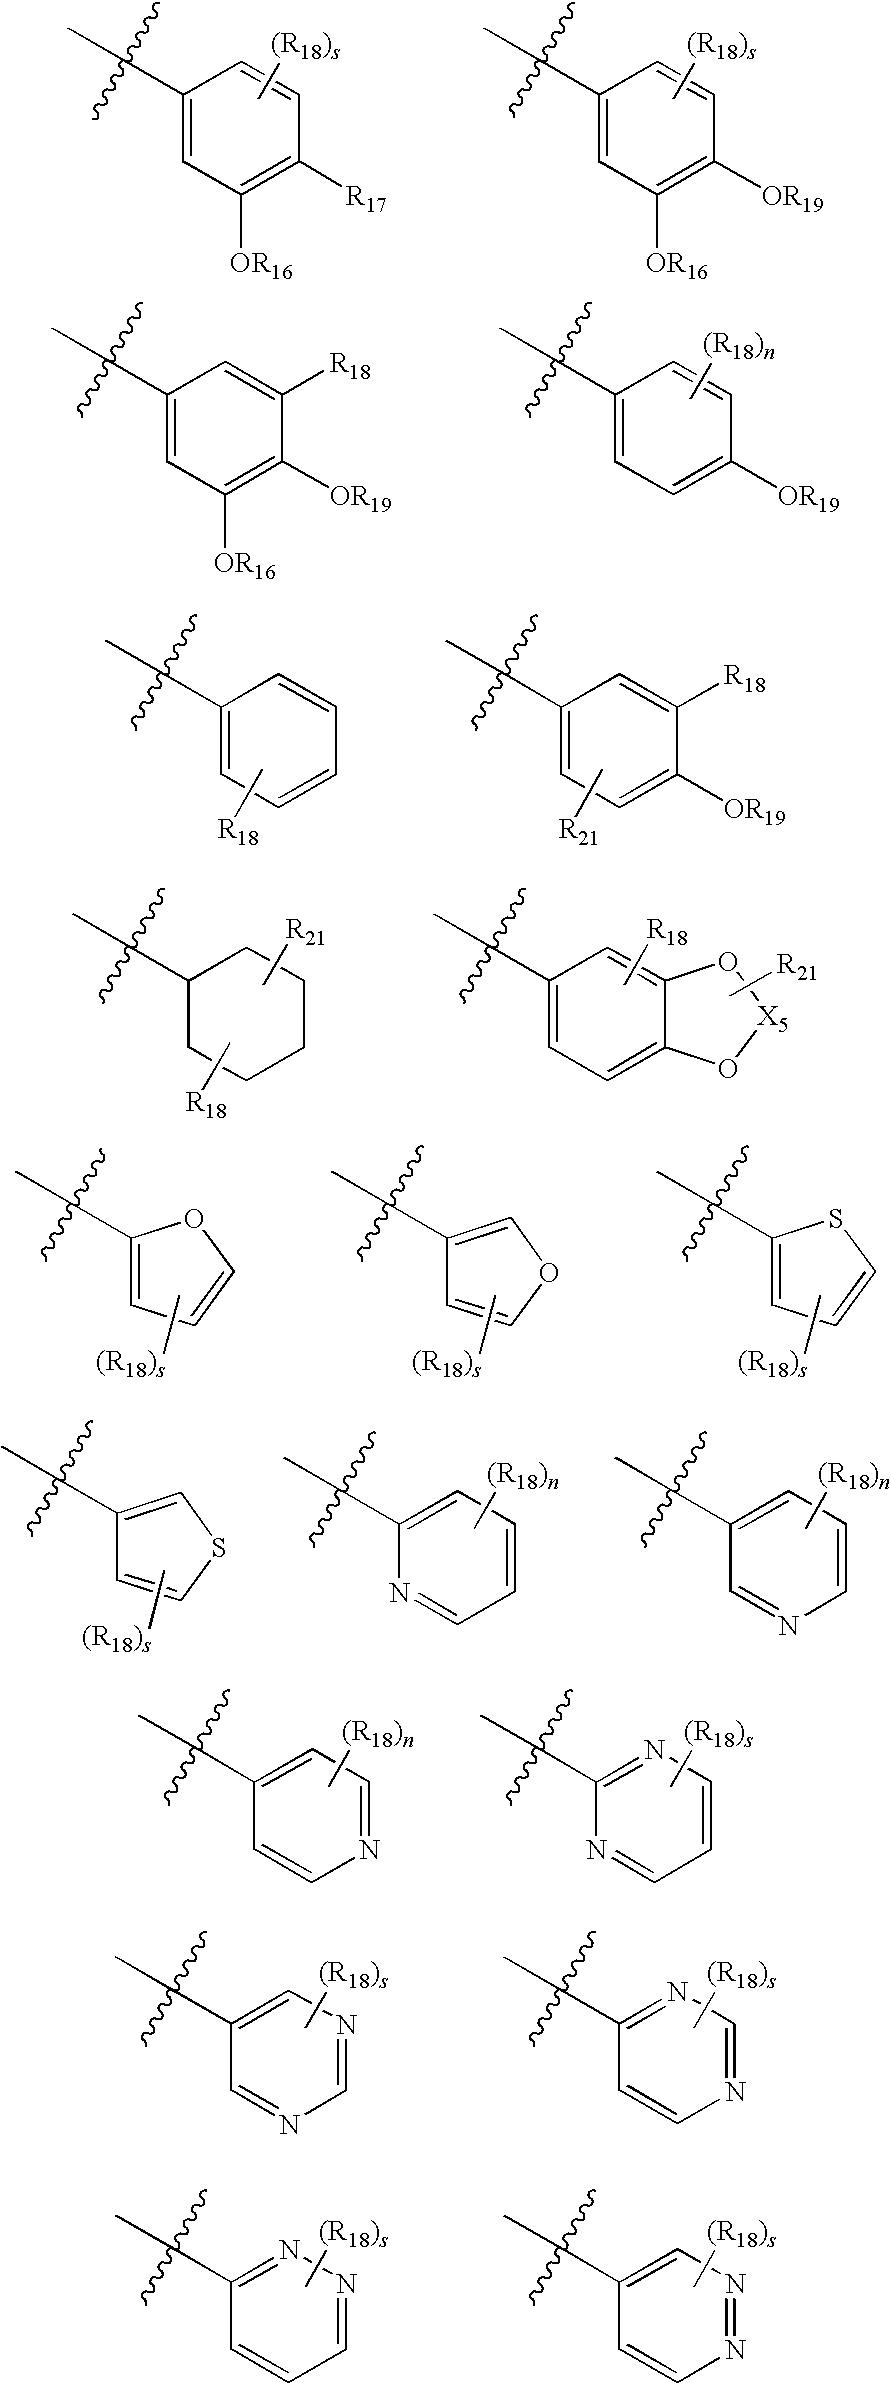 Figure US20100204089A1-20100812-C00011